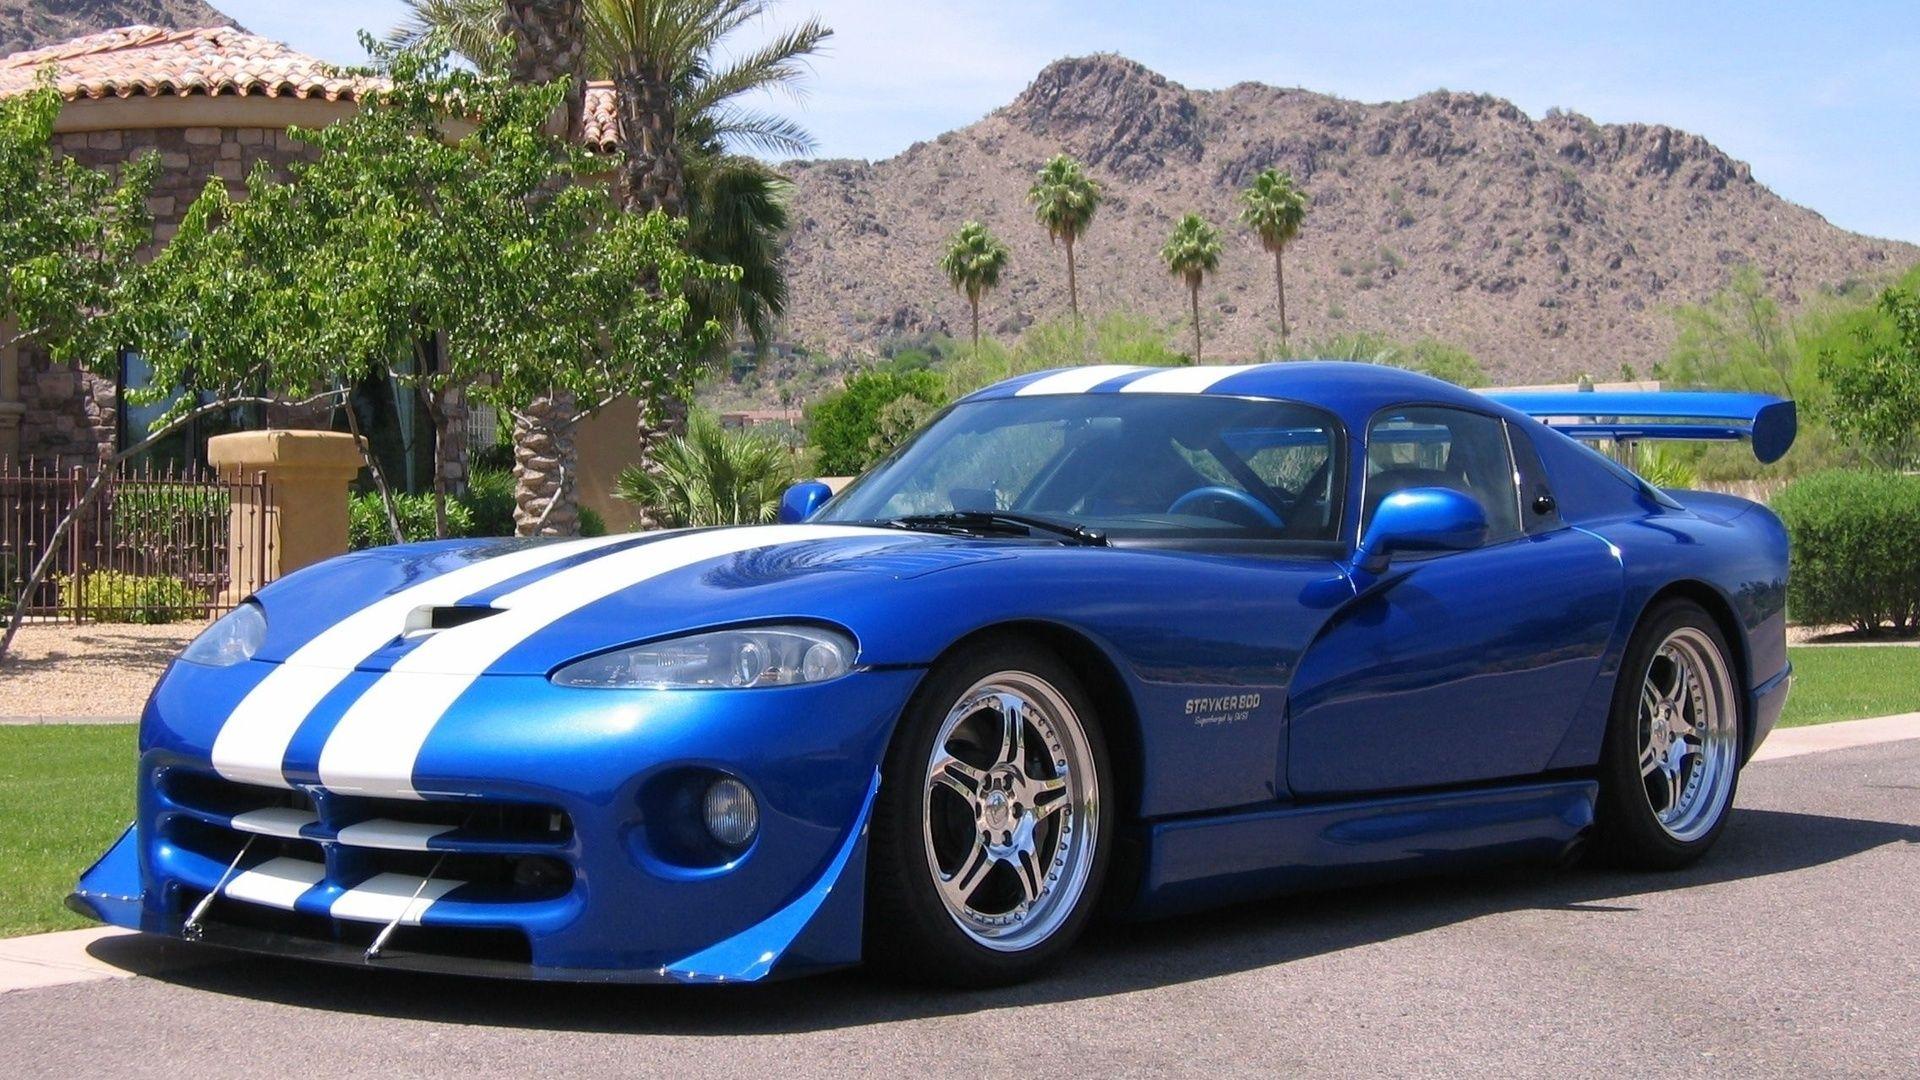 Viper babes wallpaper dodge viper gts tuning car cars dodge